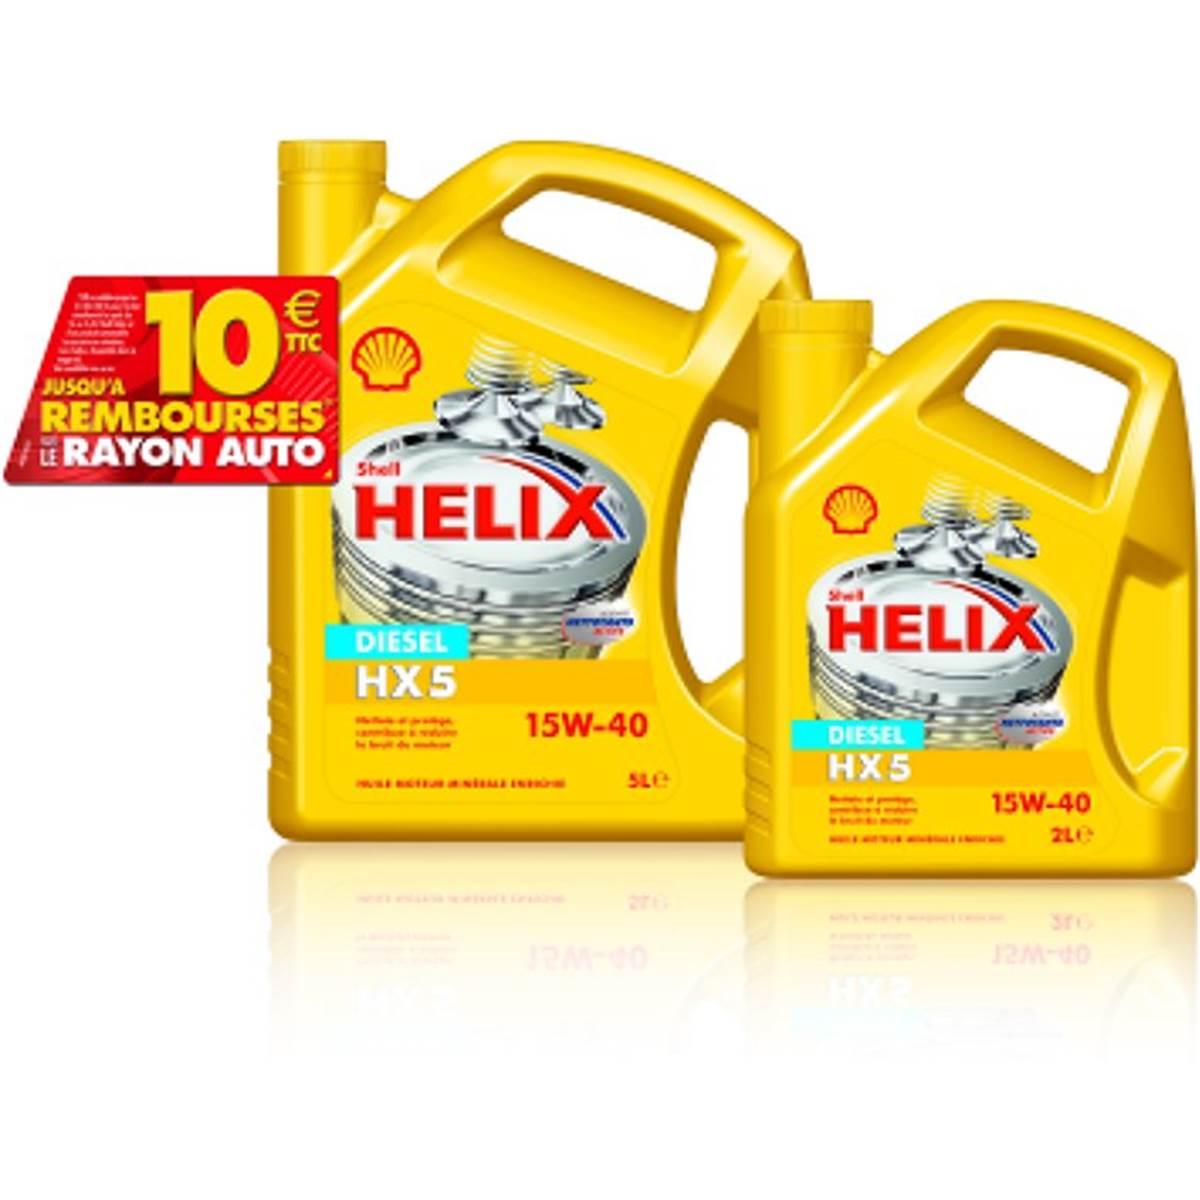 Huile SHELL HELIX5 15W40 DIESEL 5L+2L+REMBOURSEMENT 6 E